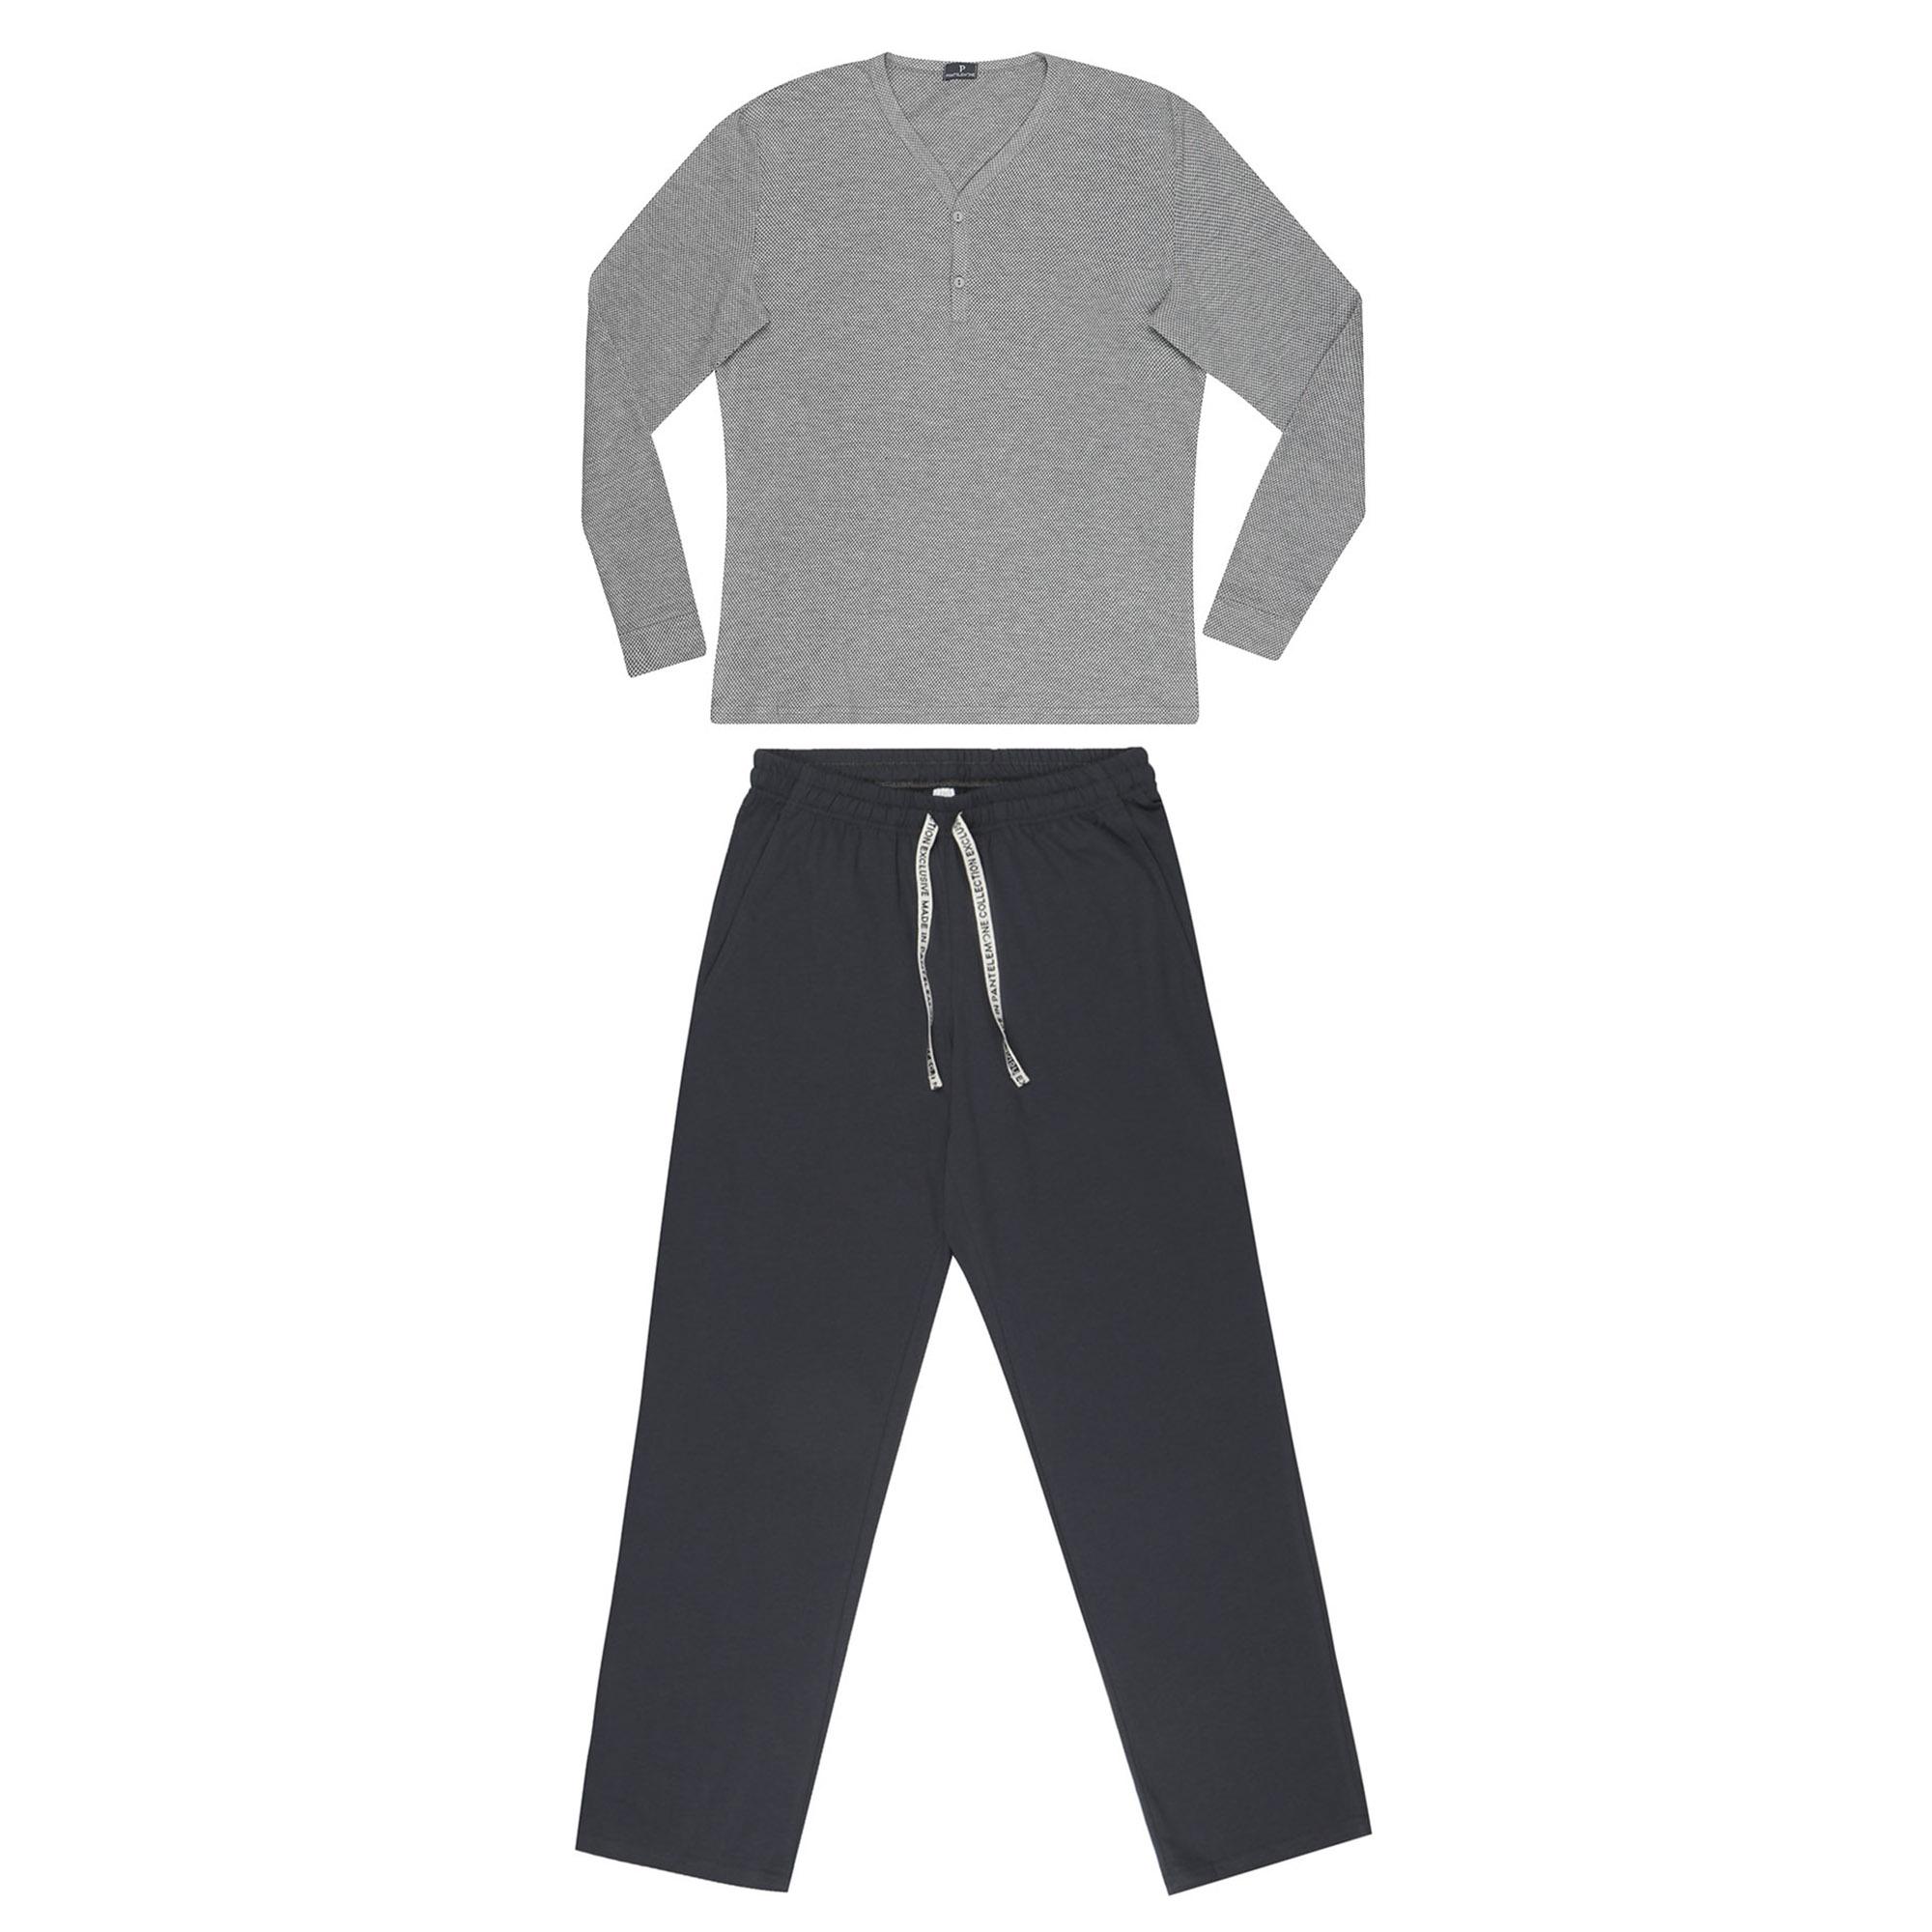 комплект домашний мужской vienetta s secret league капри футболка цвет сапфировый 711124 3286 размер 50 xl Домашний мужской комплект Pantelemone со штанами 50 серый